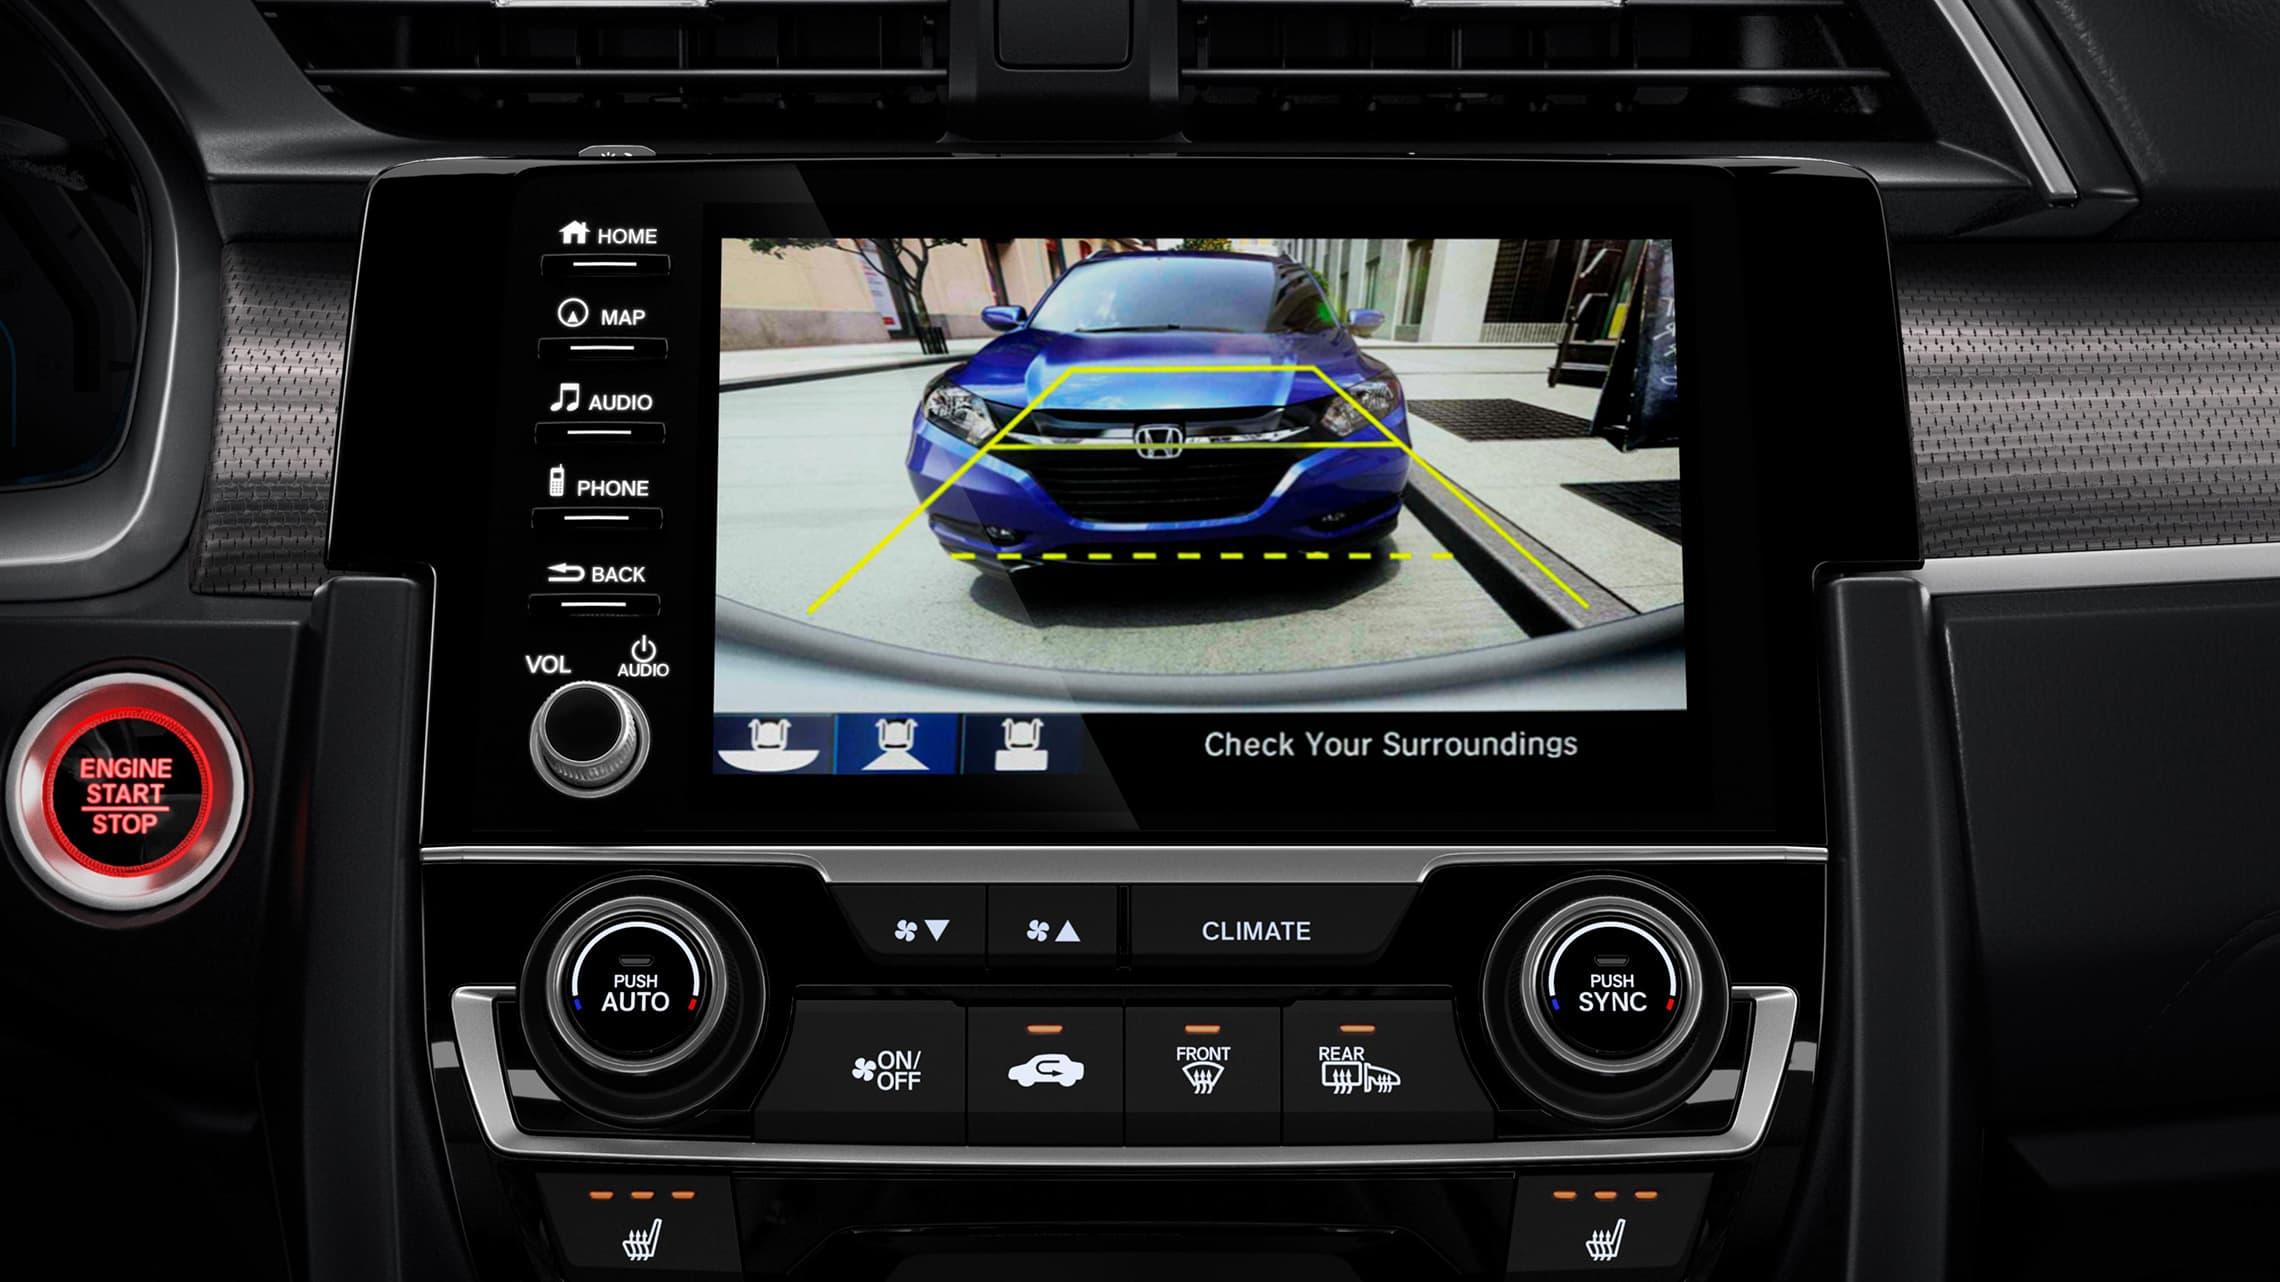 Detalle de la cámara de reversa multiángulo en el sistema de audio en pantalla táctil del Honda Civic Touring Sedán2020.